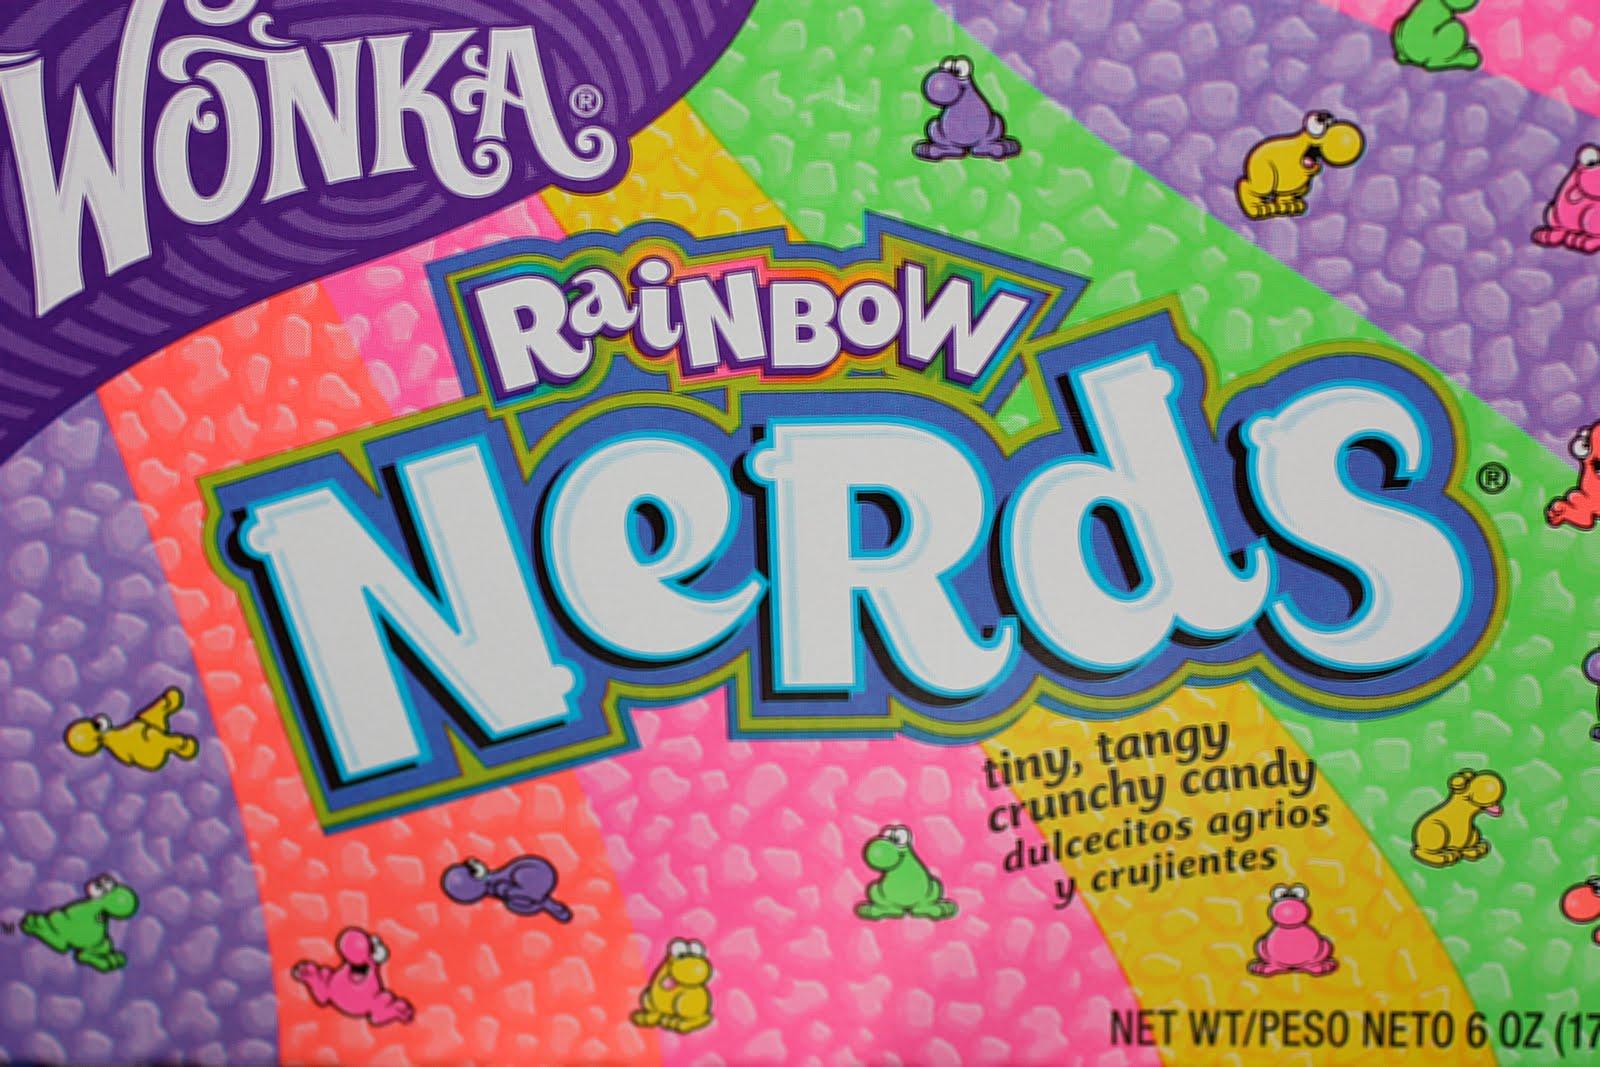 nerds godis sverige